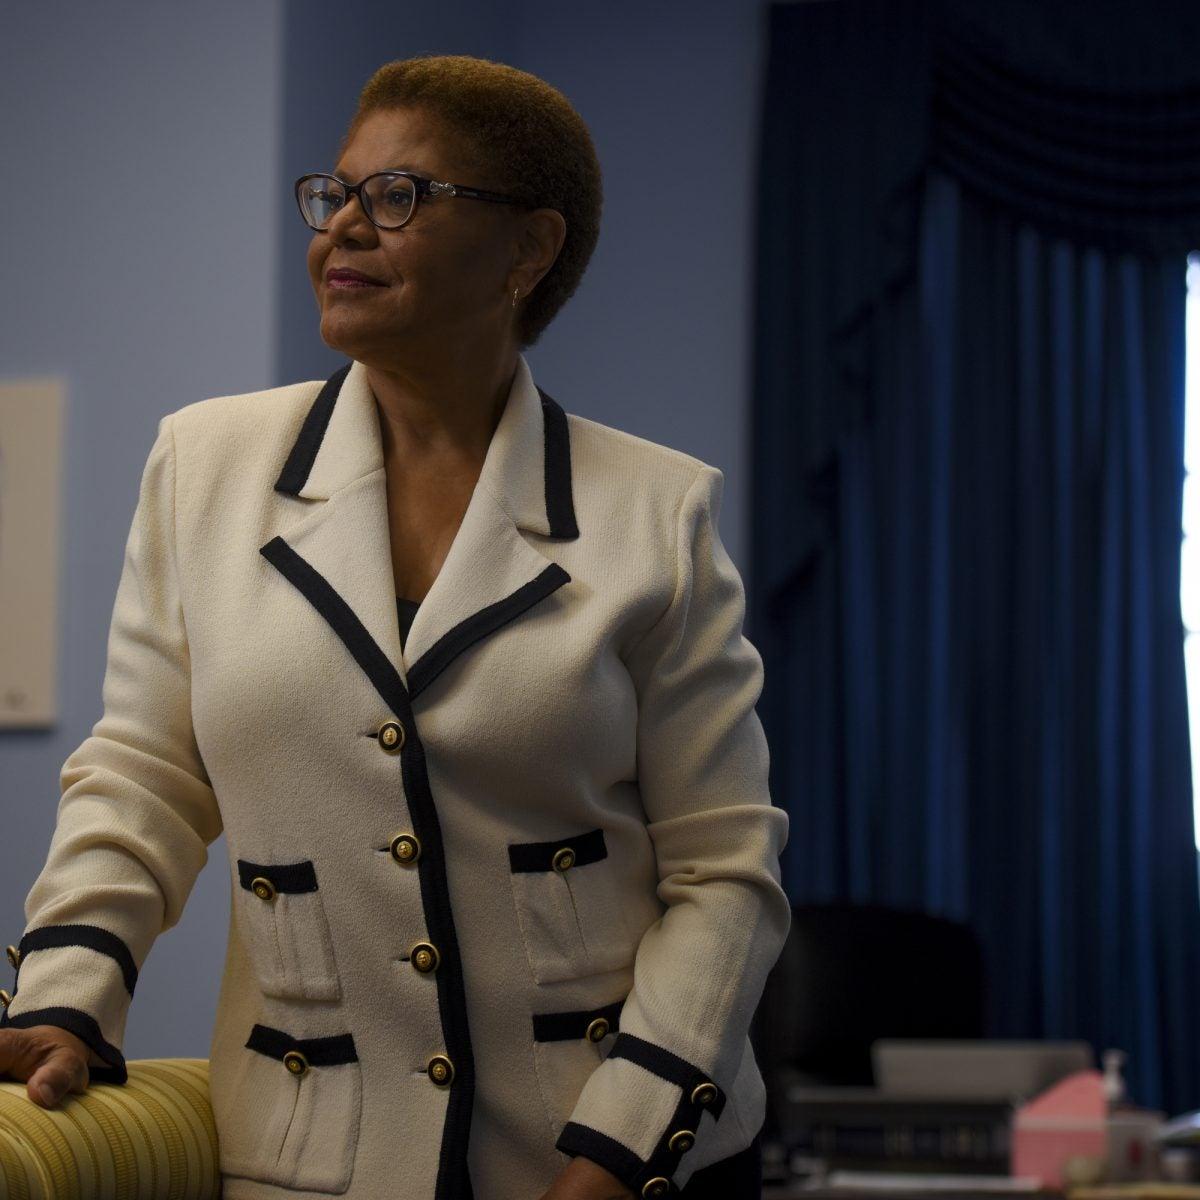 Rep. Karen Bass Reintroduces George Floyd Policing Bill in Congress